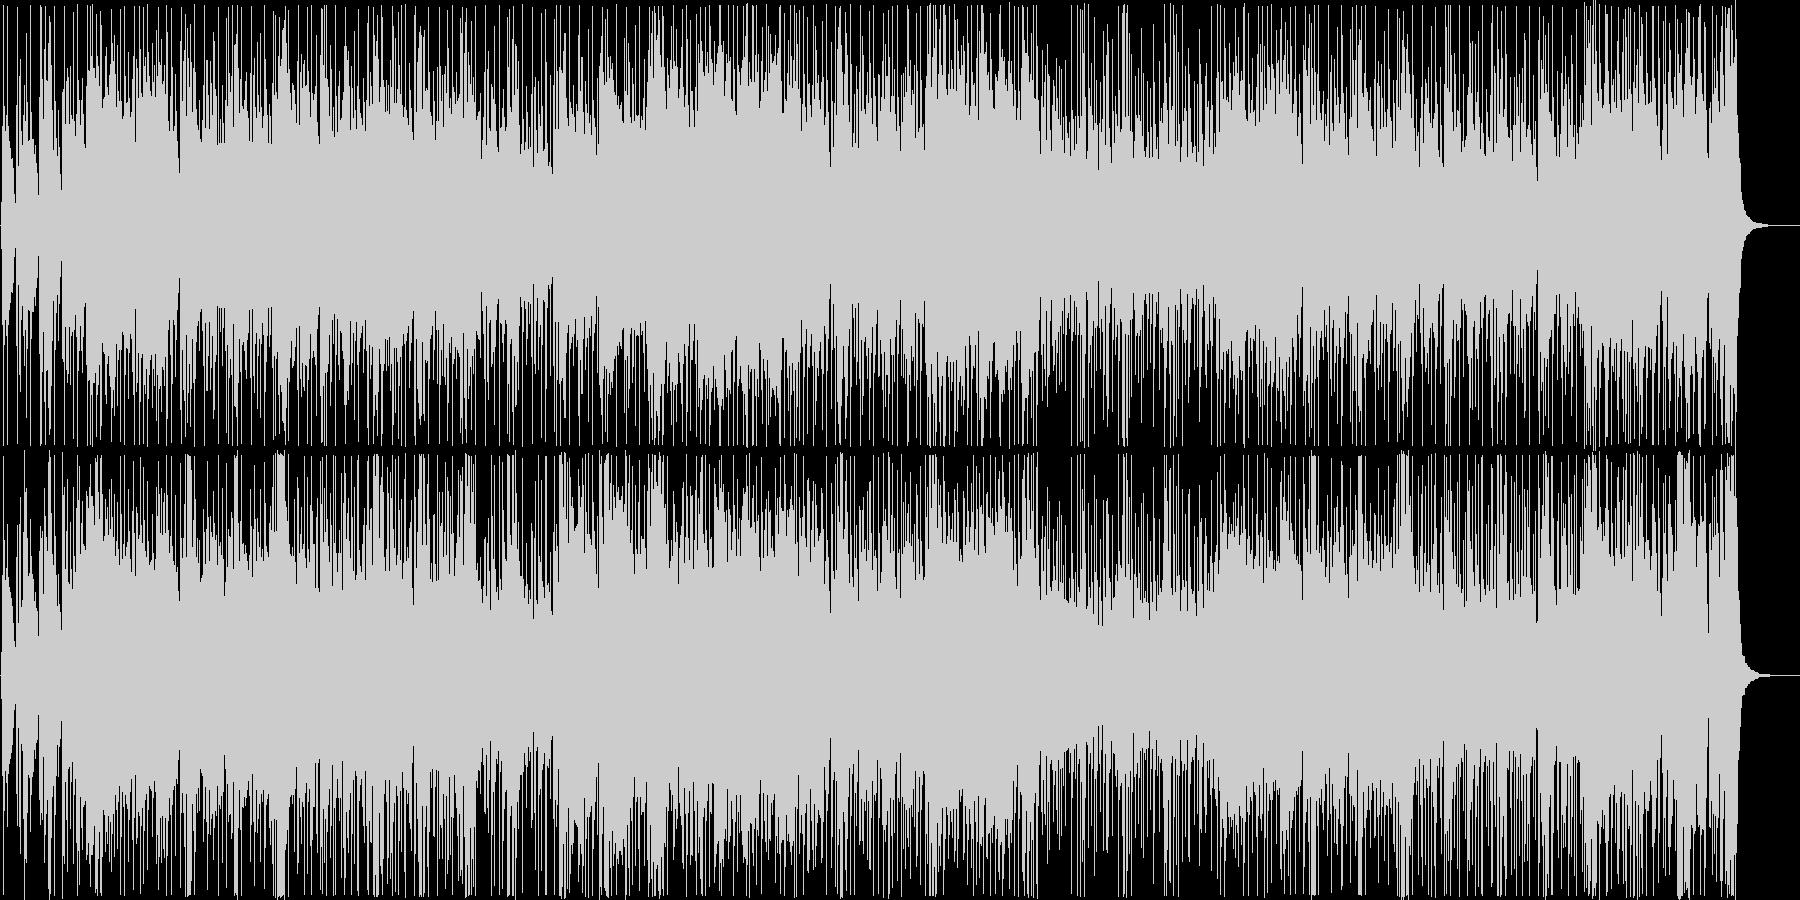 和楽器中心の落ち着いたクールな曲の未再生の波形